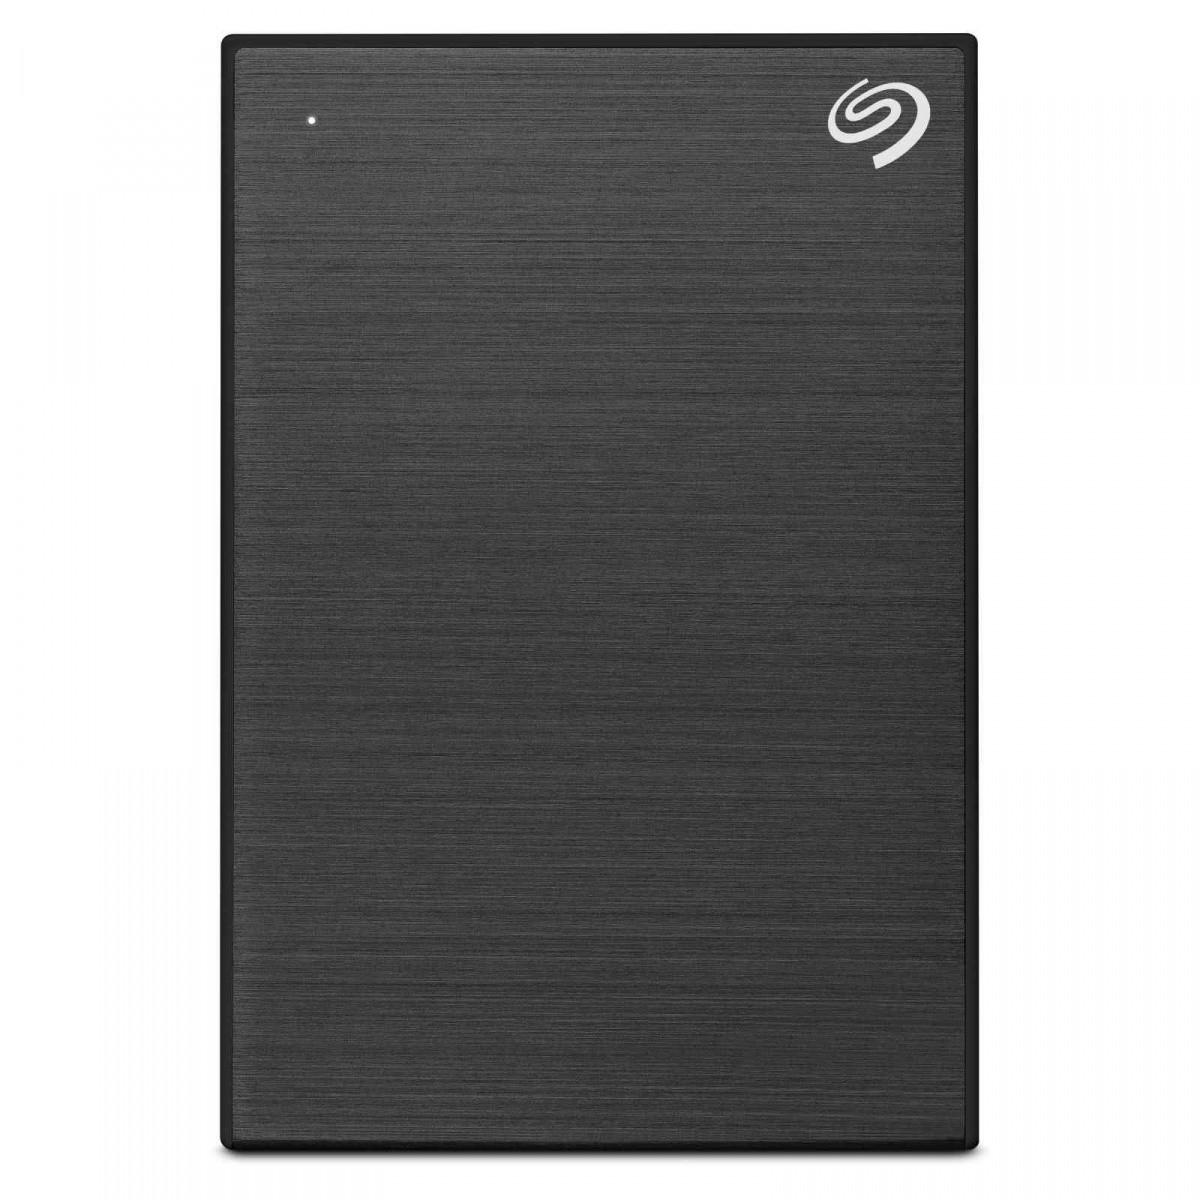 backup-plus-5tb-25-sthp5000400-black